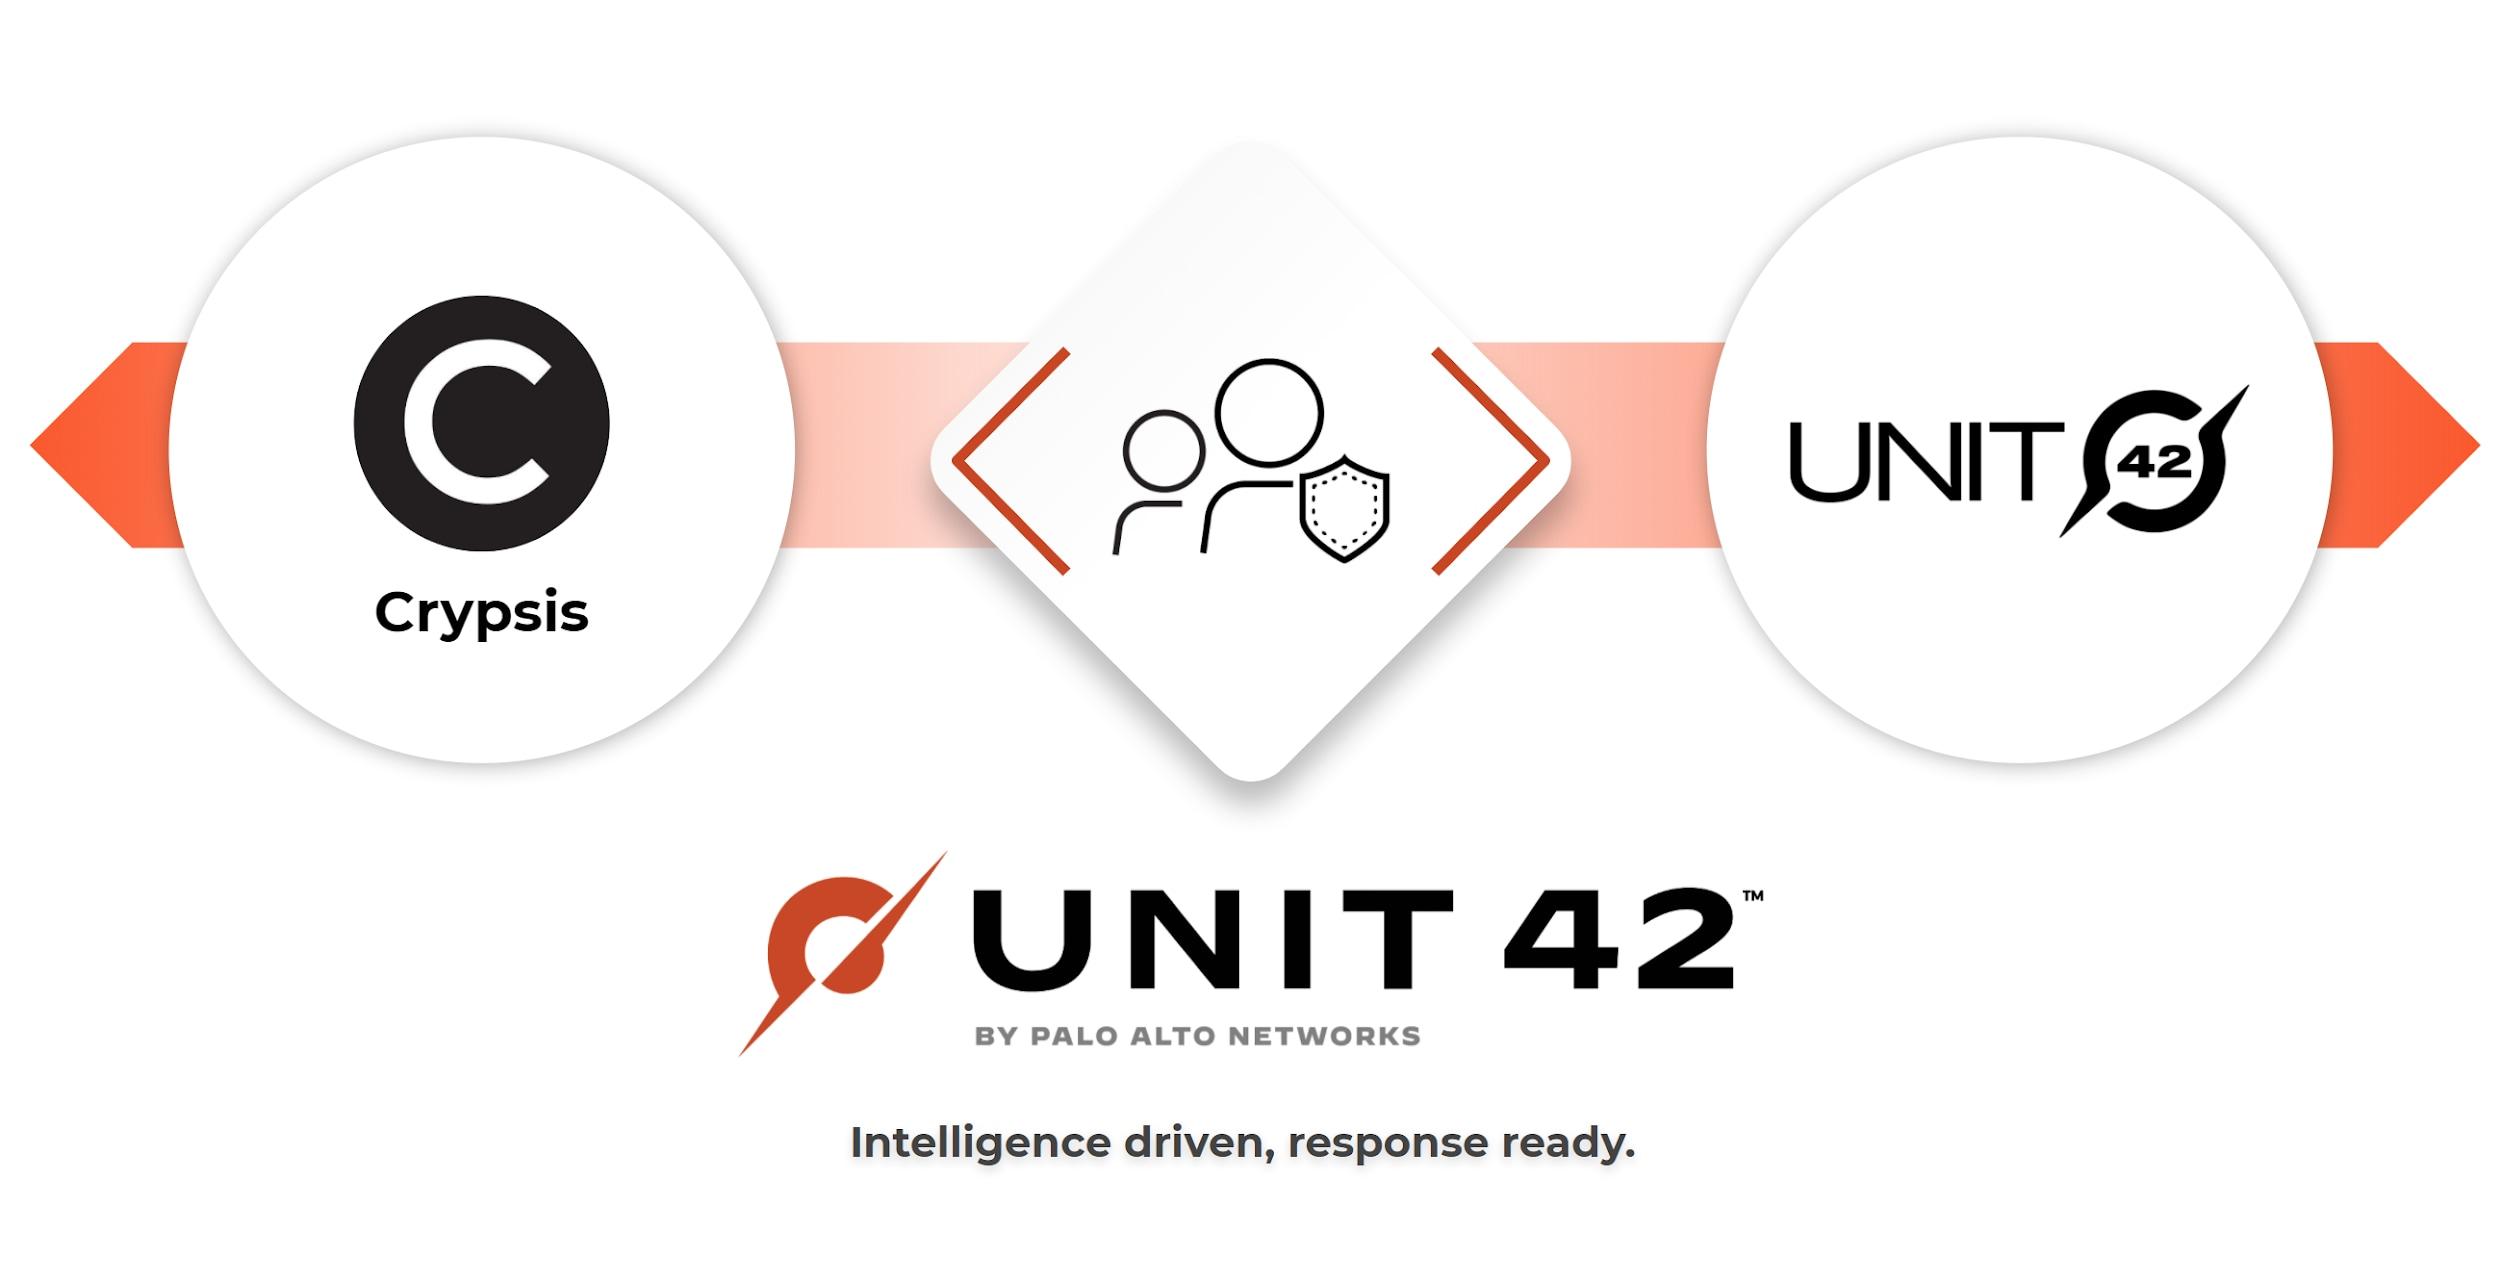 このイメージは、CrypsisとUnit 42のロゴと、それらが統合されて新しいUnit 42 -「Intelligence driven, response ready」になったことを示しています。この組み合わせにより、脅威のインテリジェンスとインシデントレスポンスが融合します。